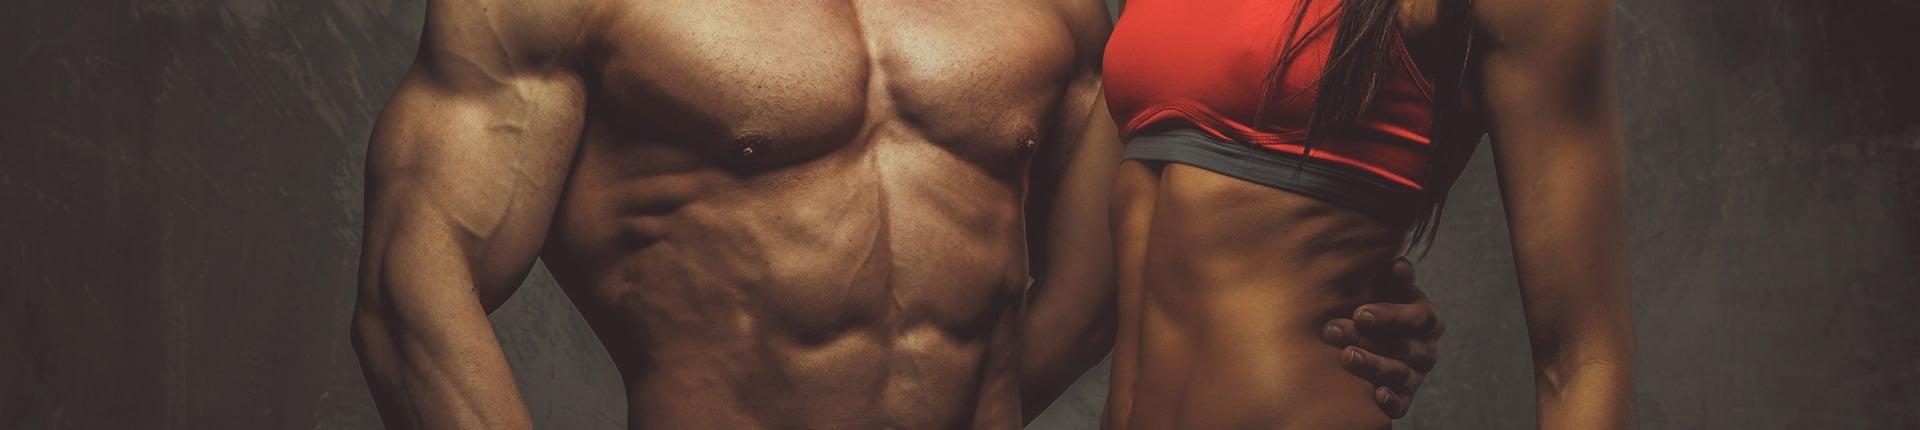 Czy da się spalić tłuszcz w 30 dni?